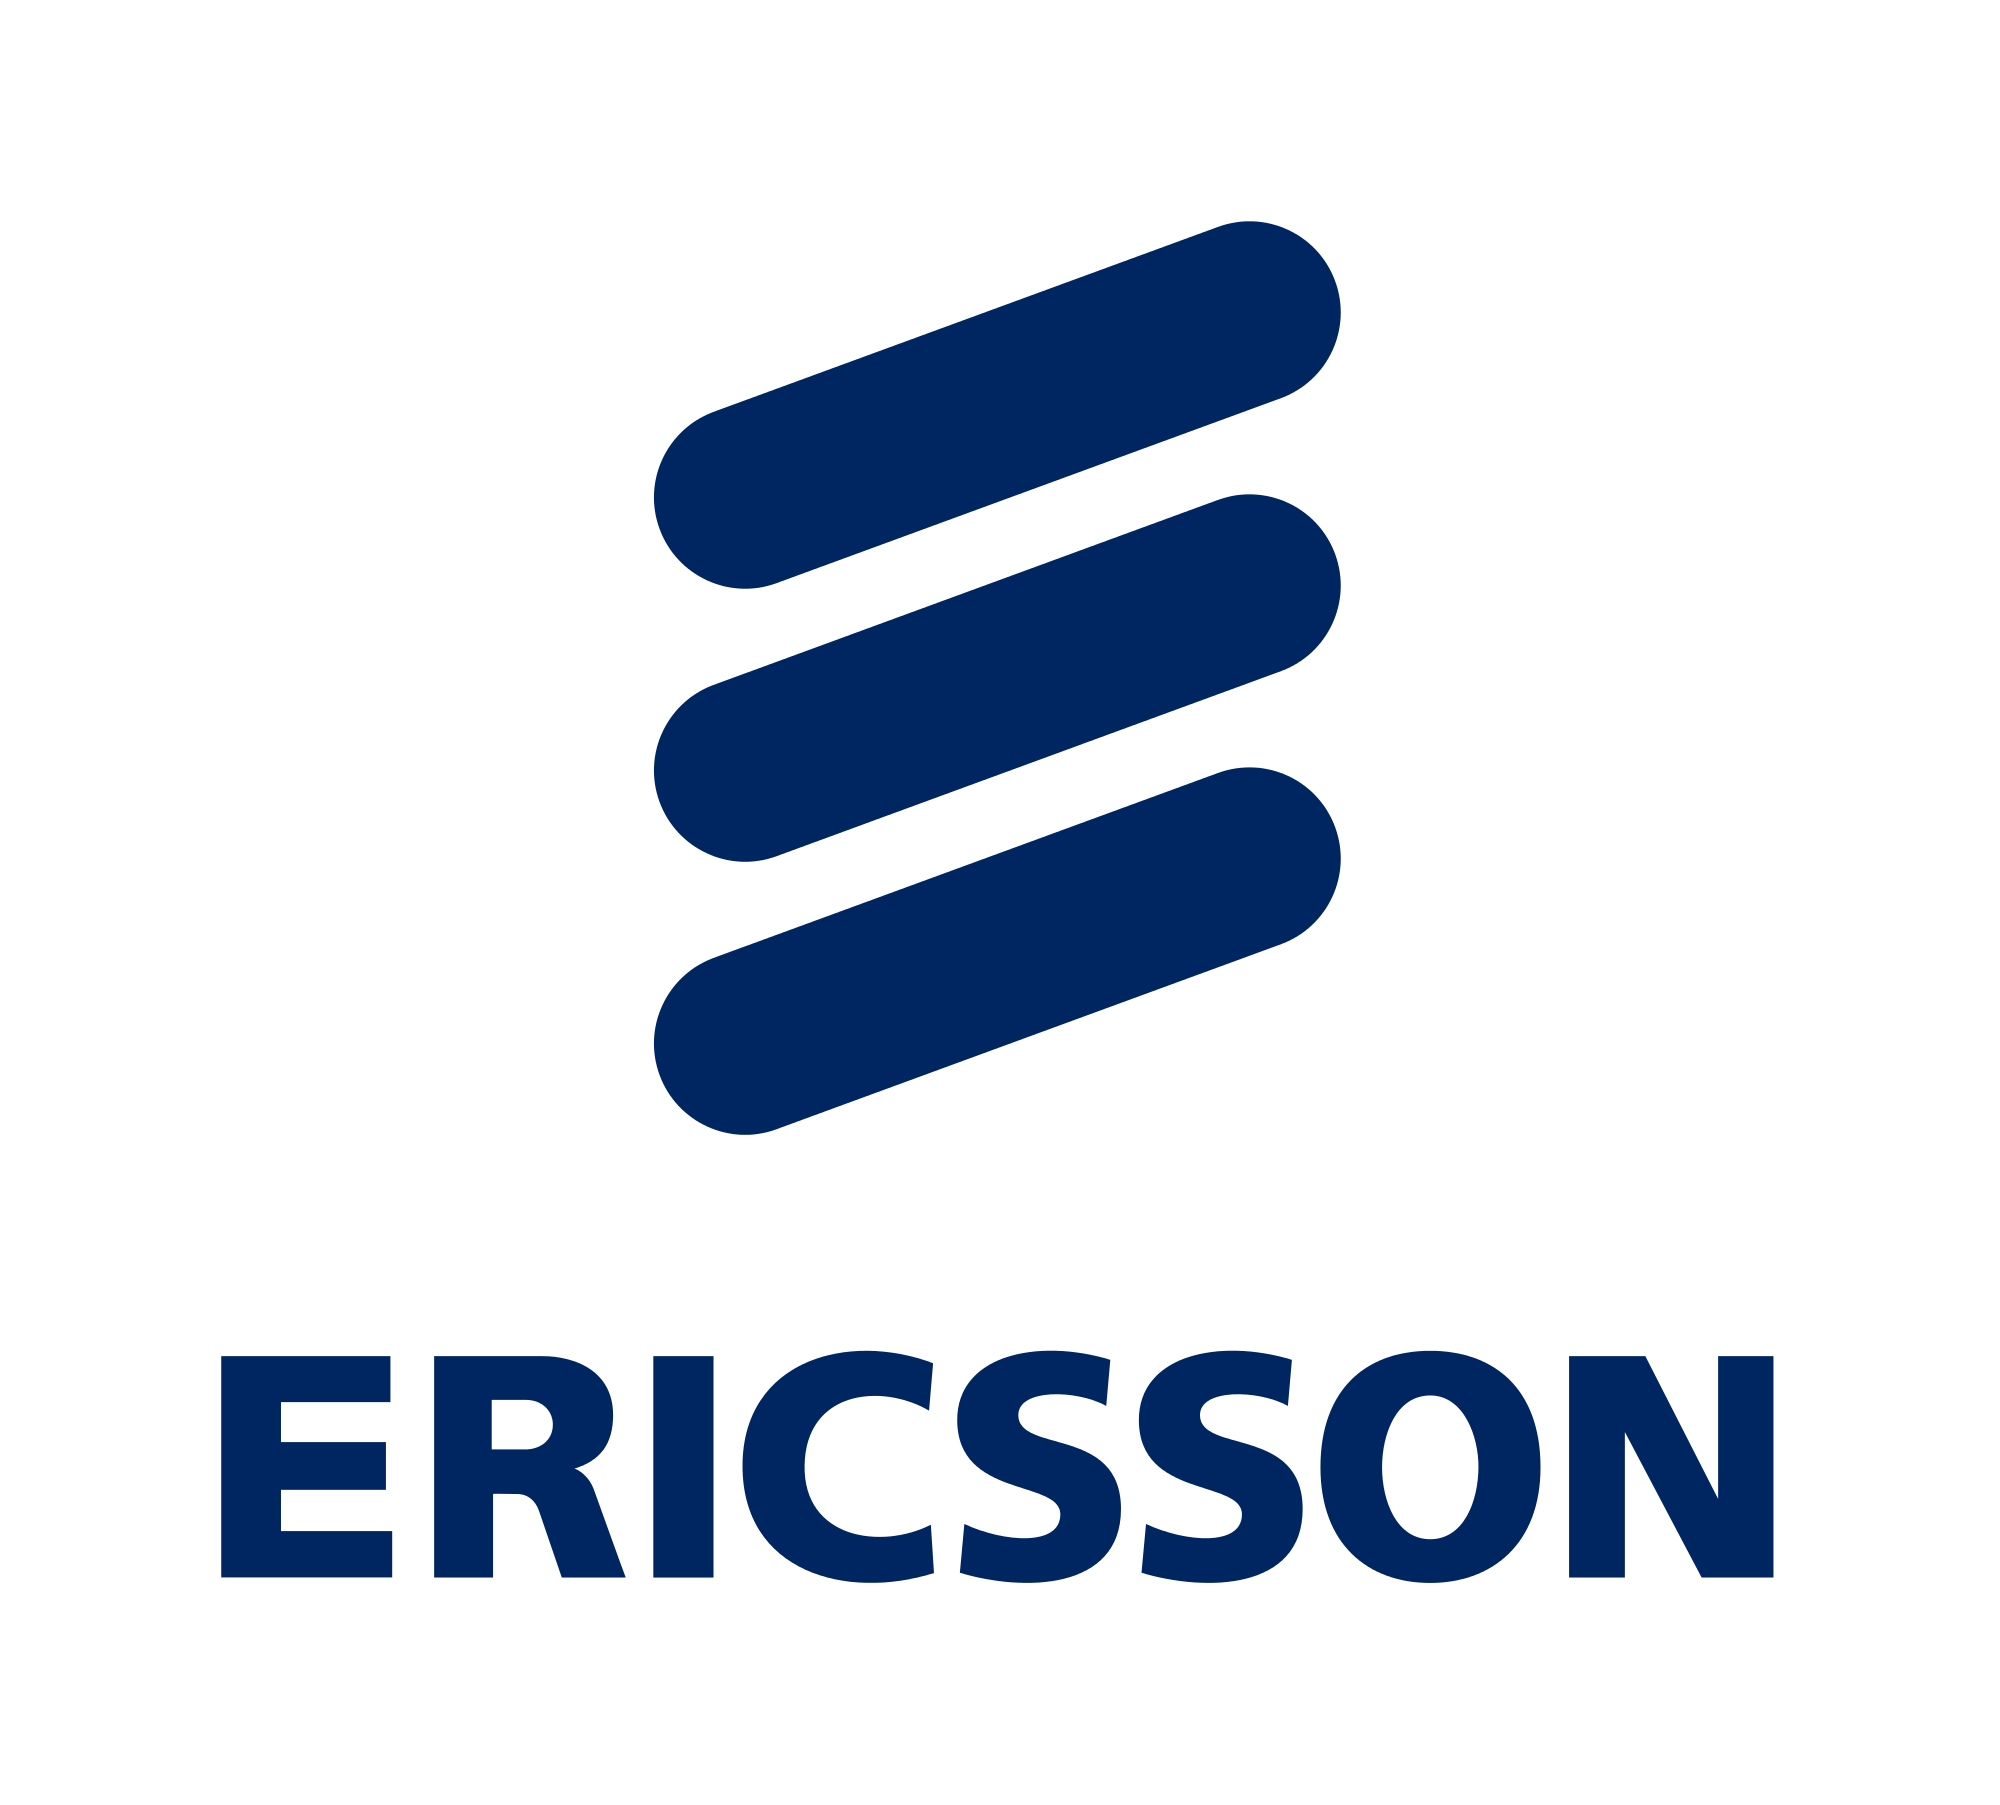 Ericsson India Pvt Ltd